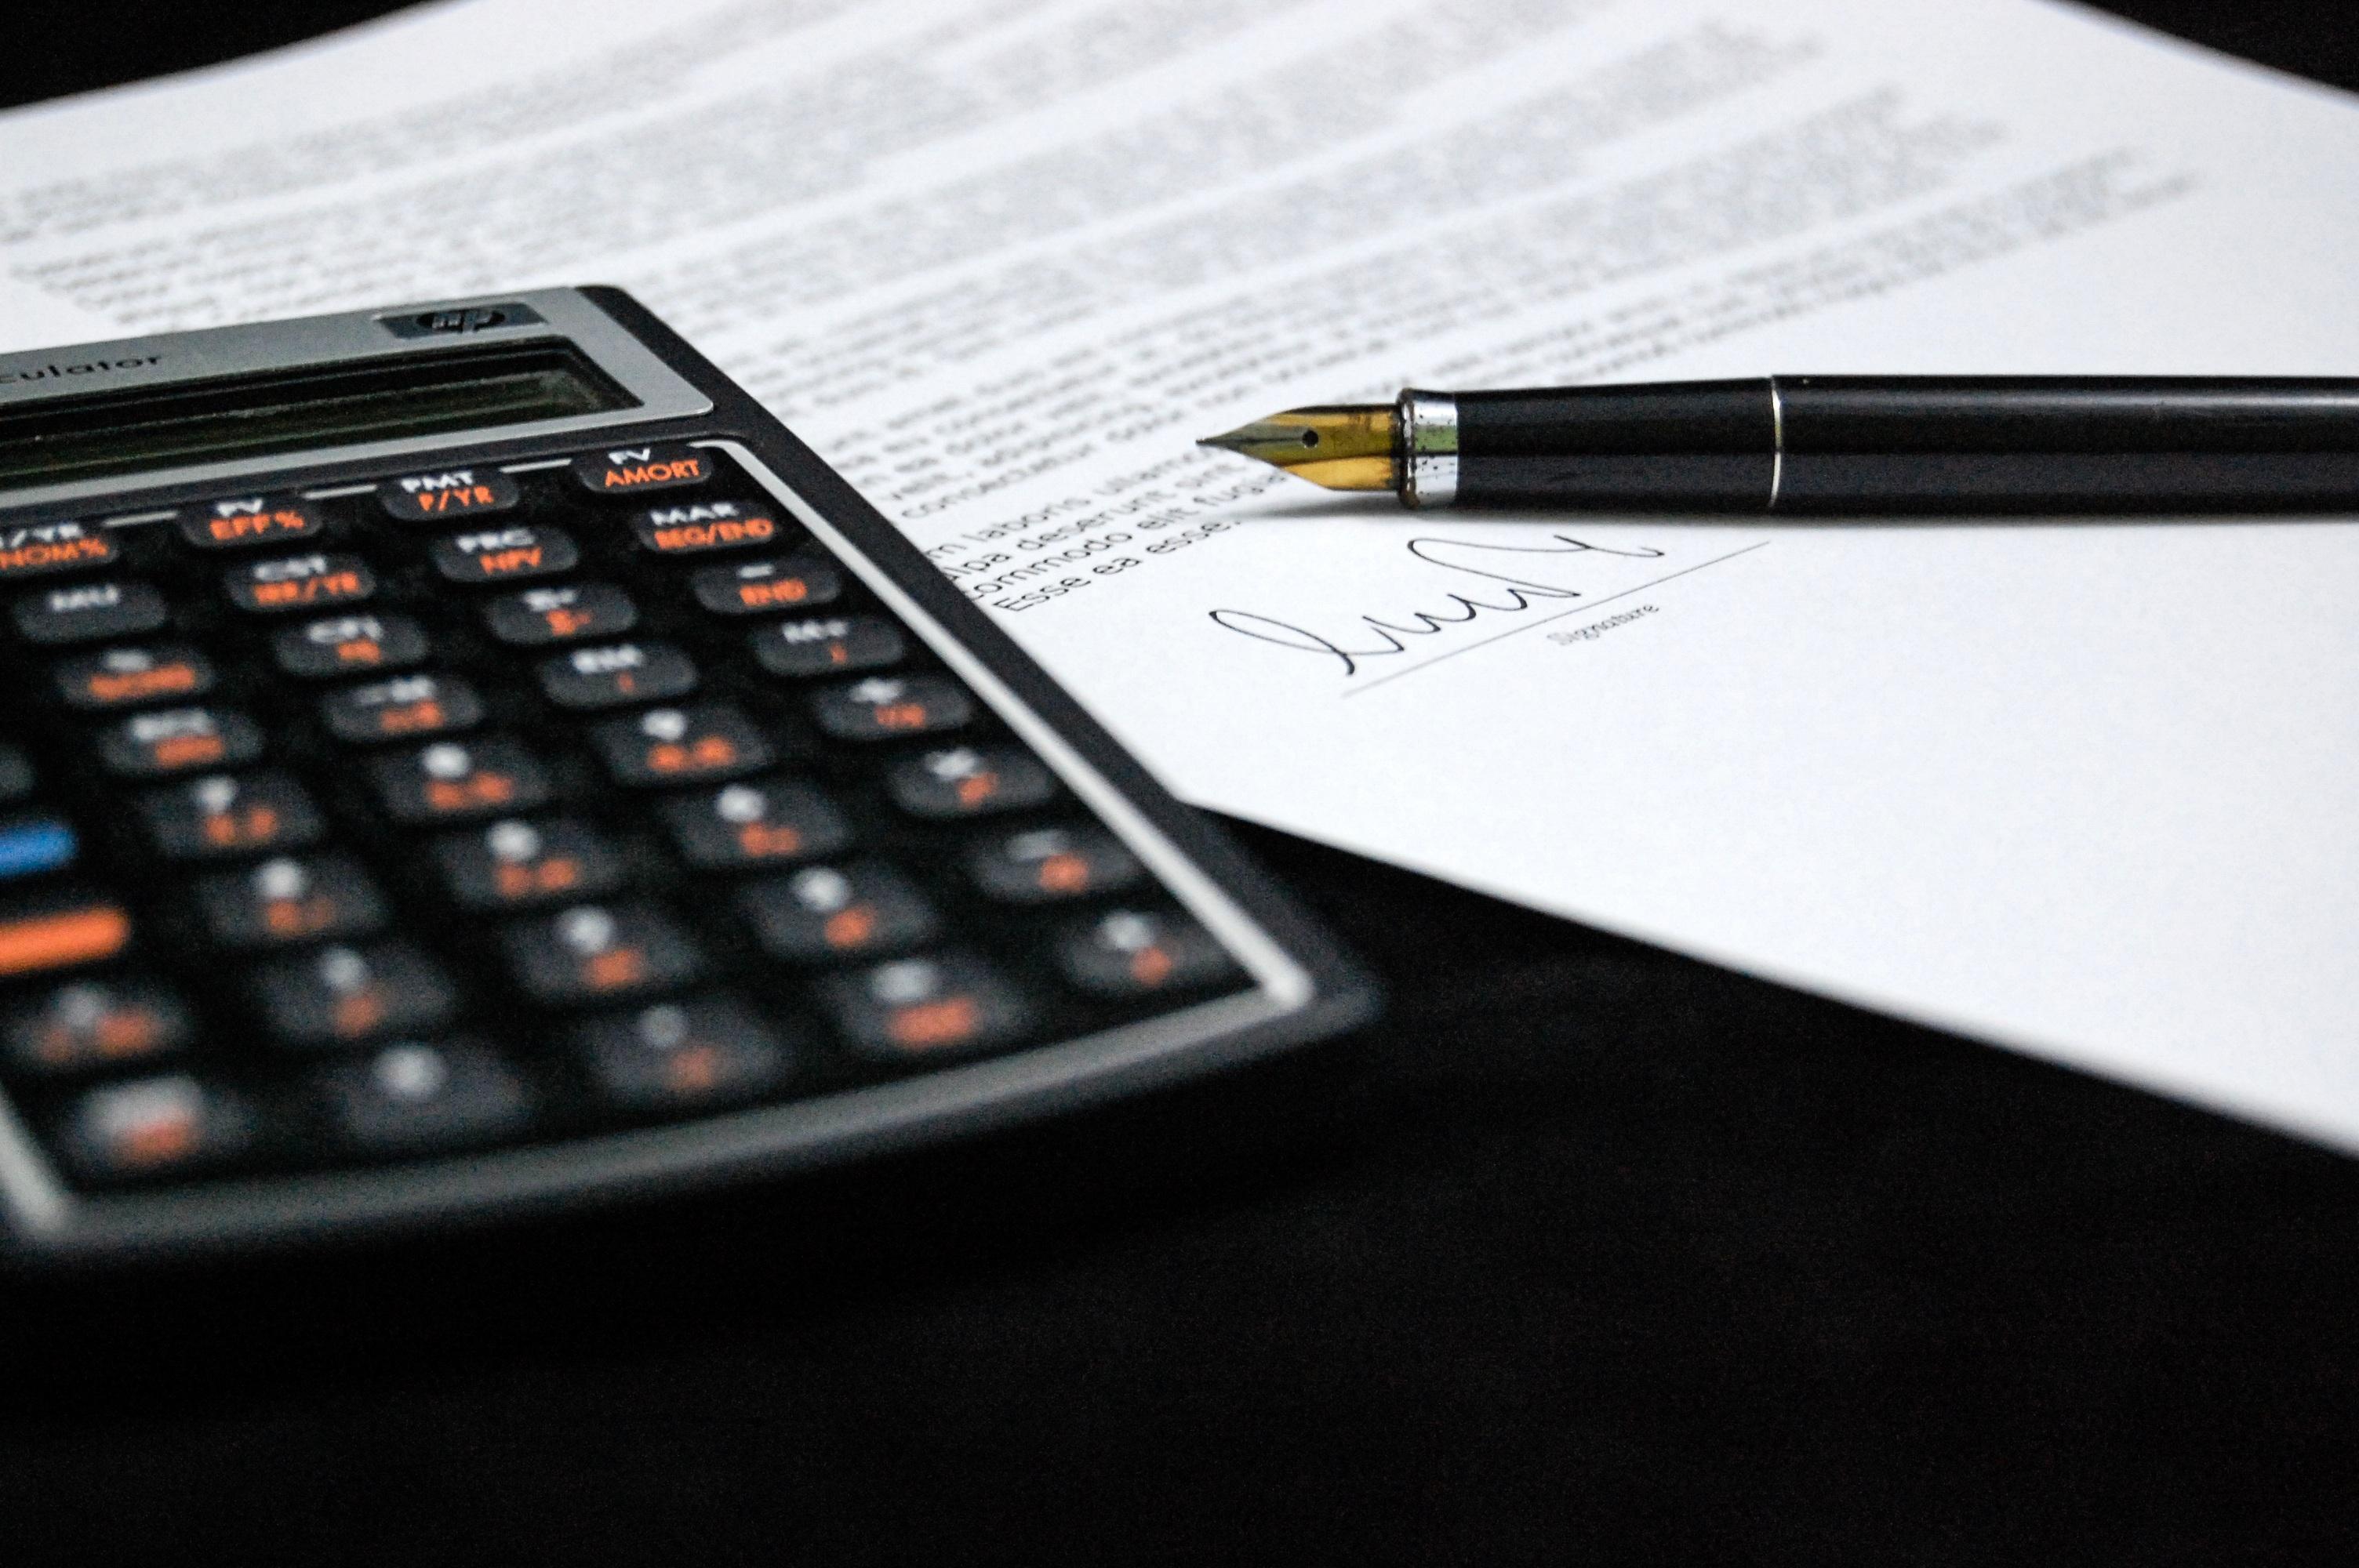 Il costo del notaio: ma il prezzo è davvero così alto? Leggiamo il preventivo